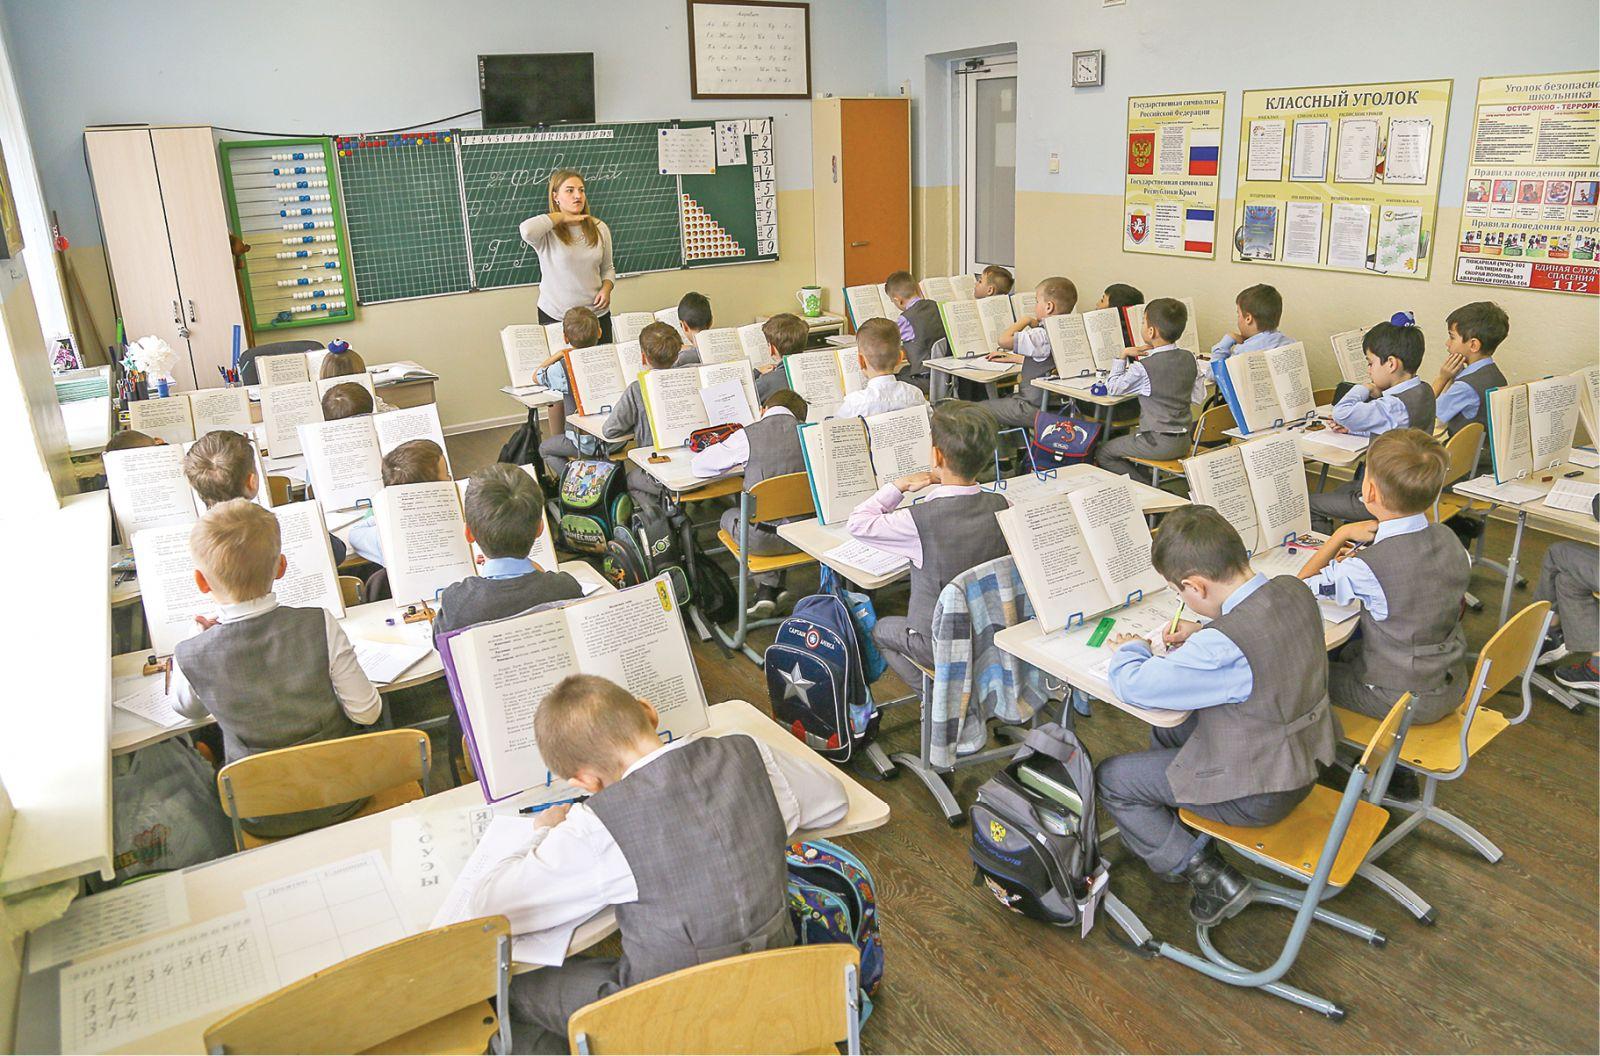 Глава минобразования: Мы надеемся начать учебный год в стенах школ